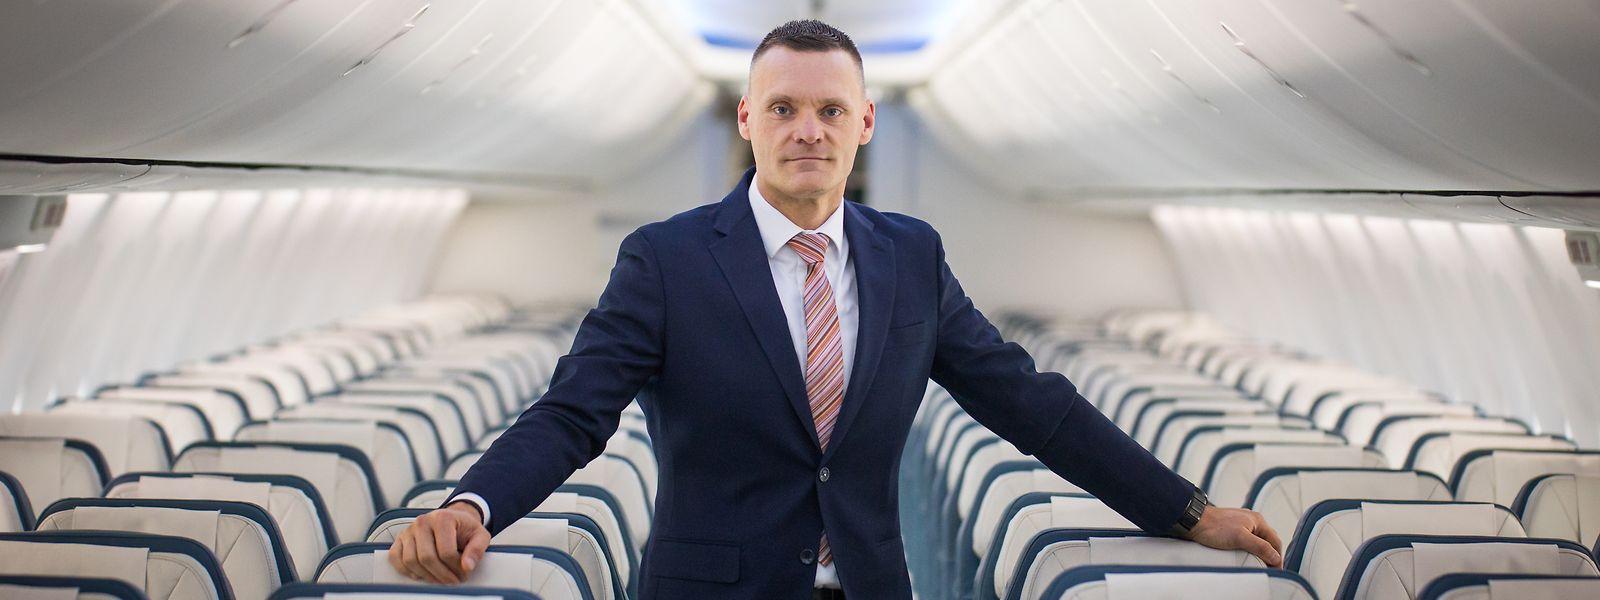 """Viel Elan im Unternehmen"""": Gilles Feith hat am 1. Juni, seinem 44. Geburtstag, den Steuerknüppel bei Luxair übernommen."""